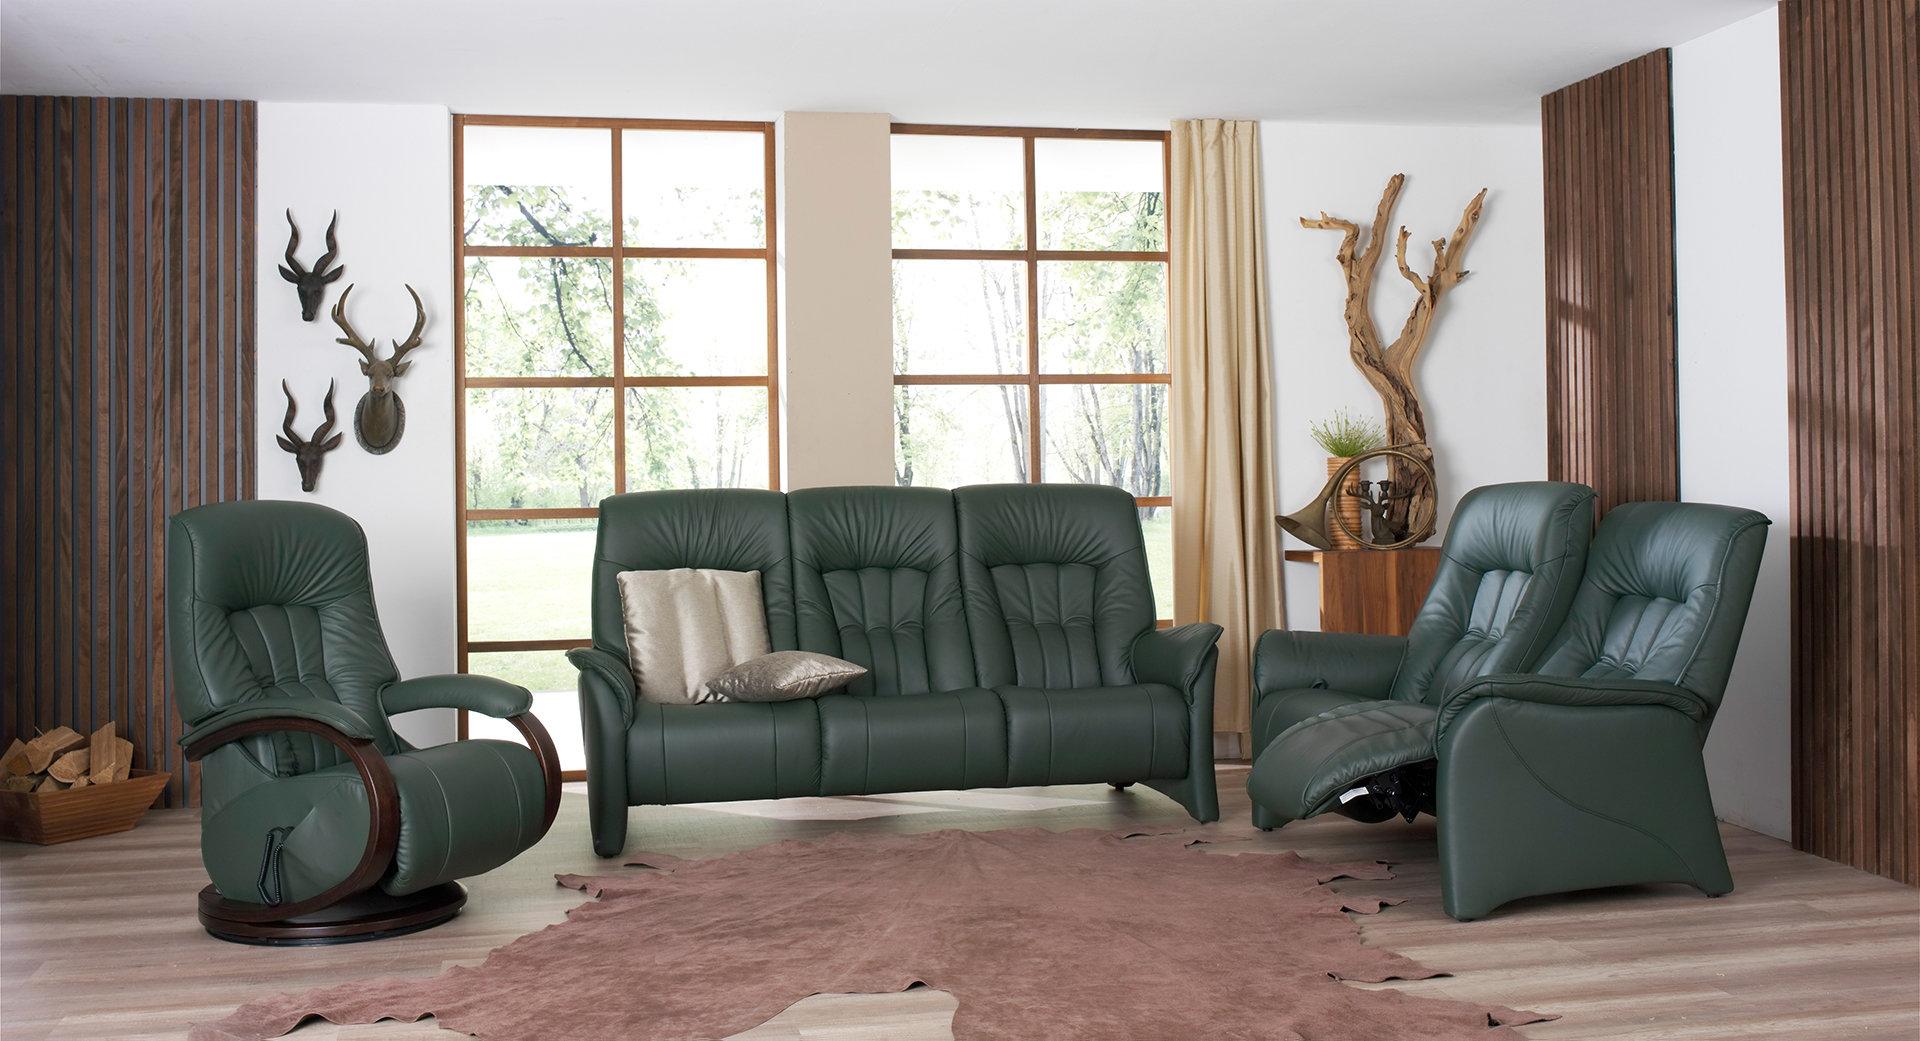 sofas de color verde en salon